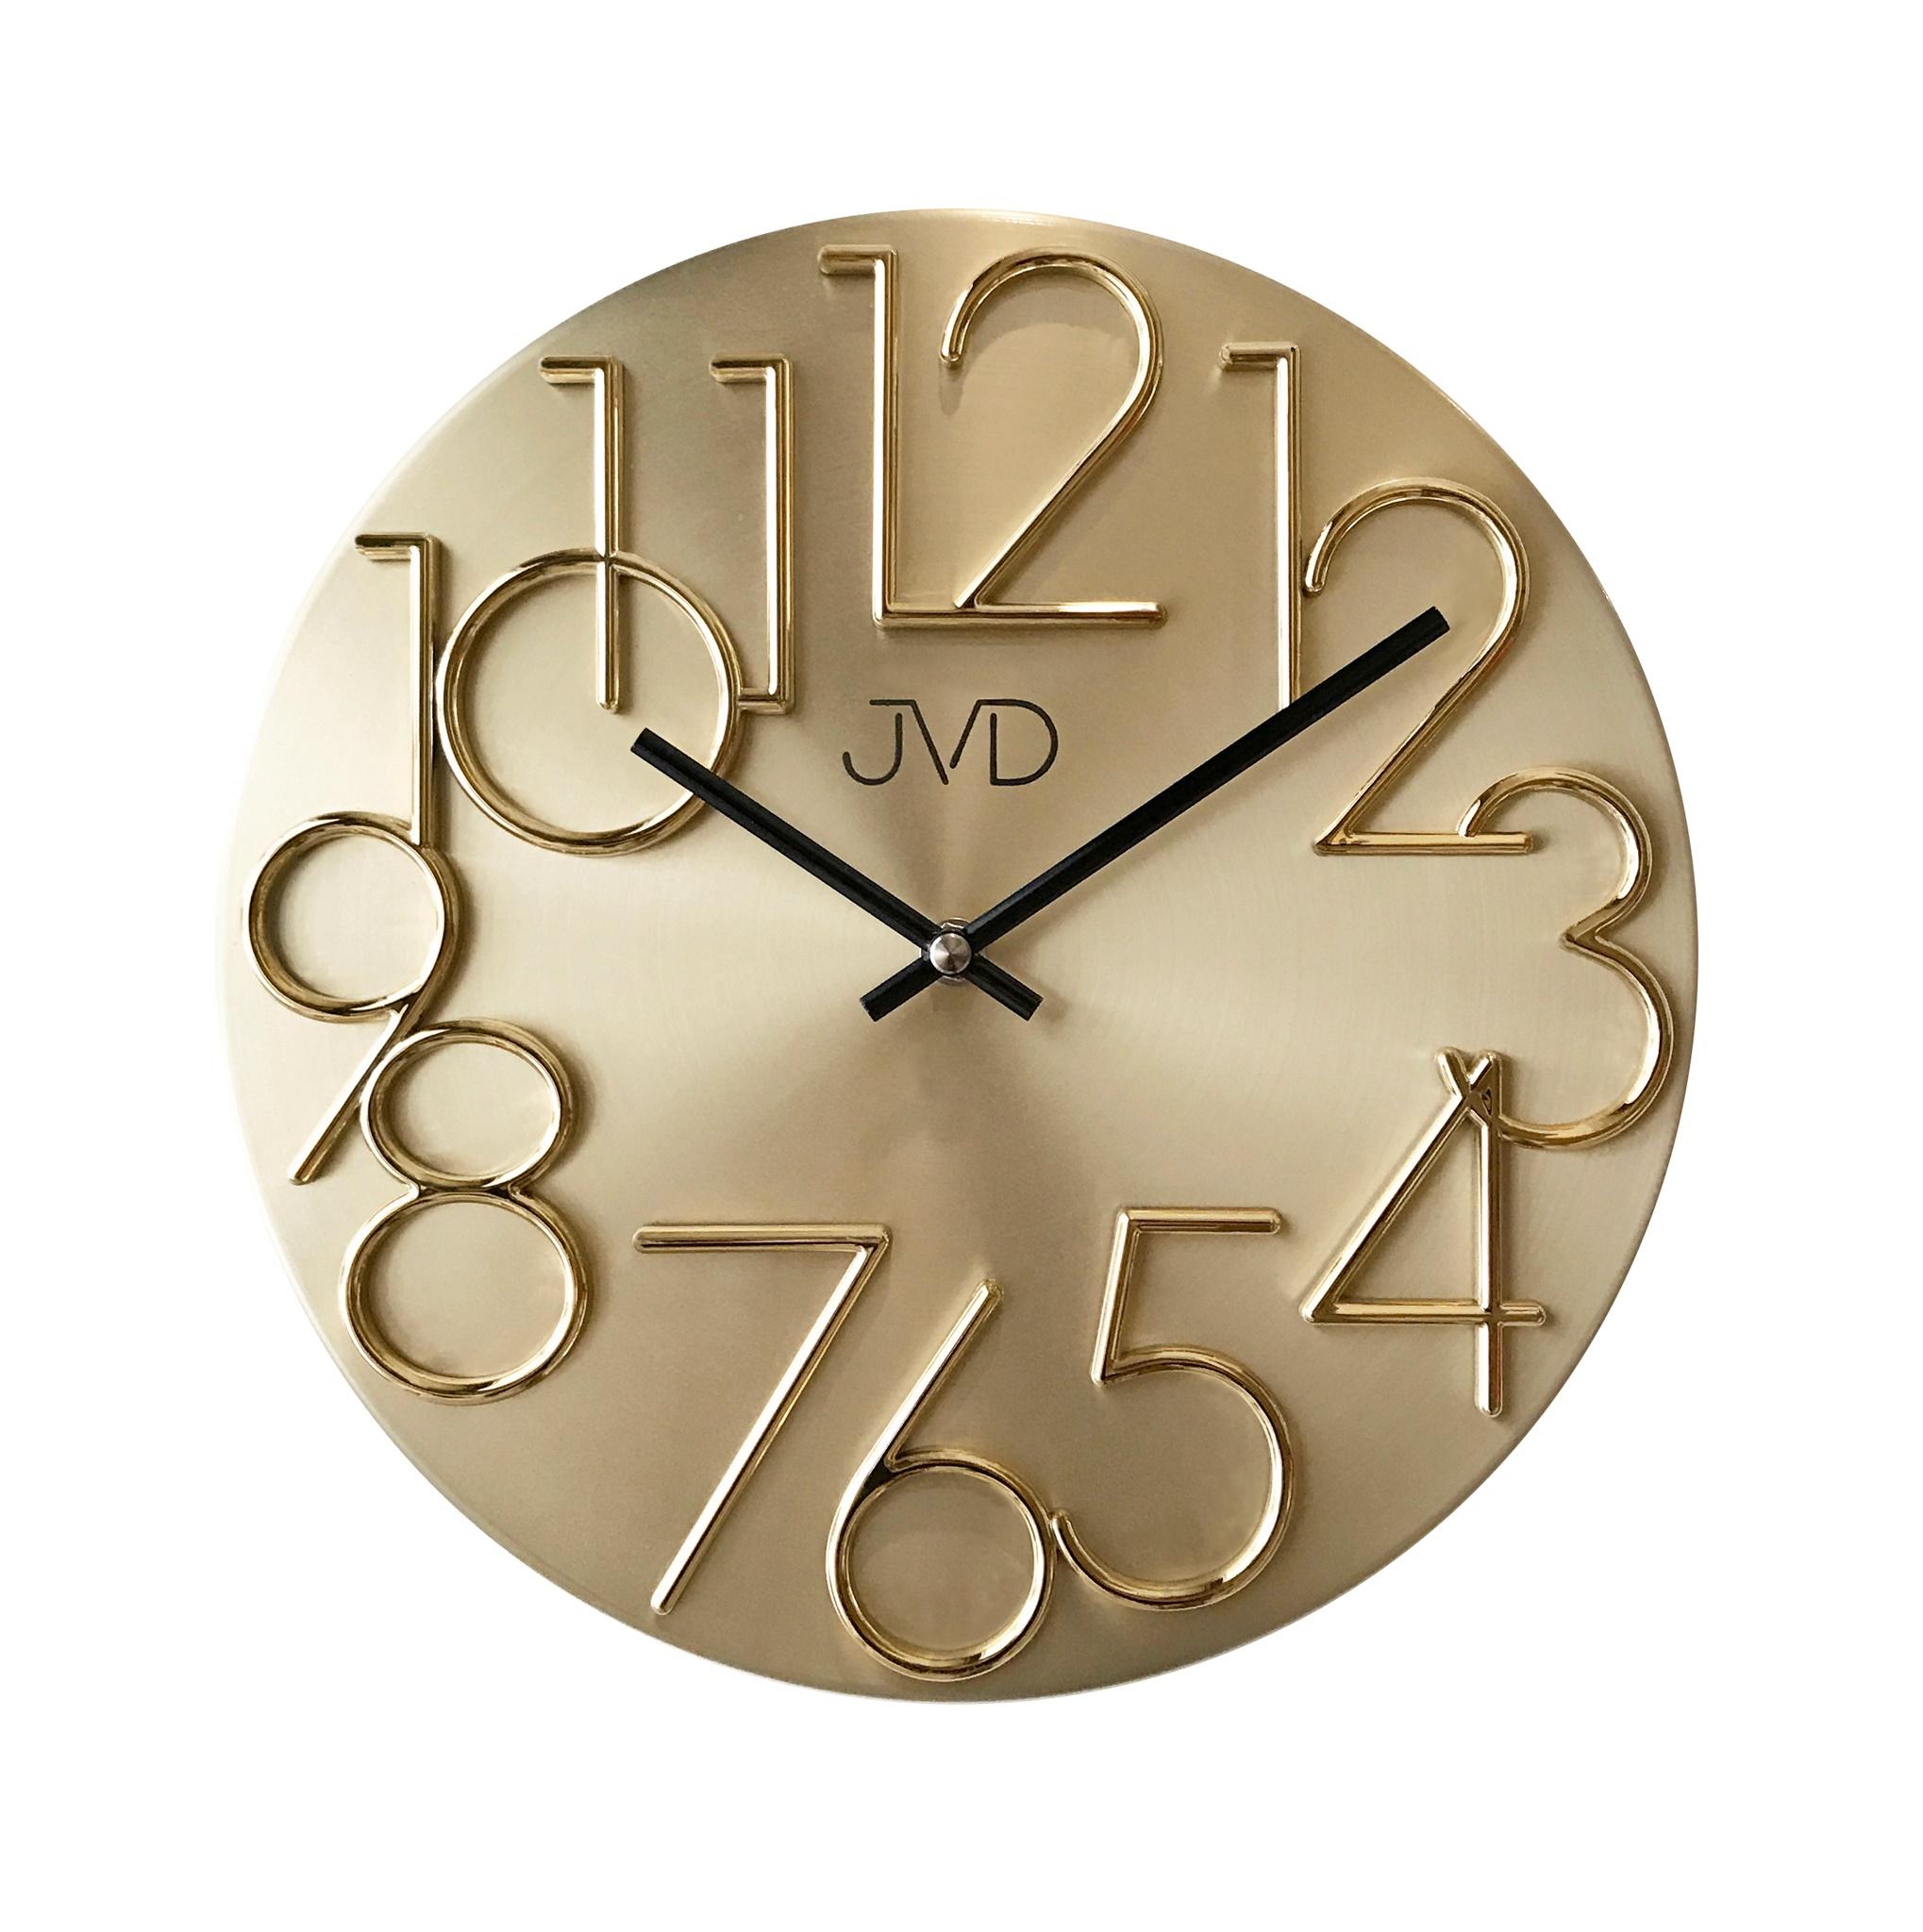 Kovové designové nástěnné zlaté hodiny JVD HT23.2 - II. jakost